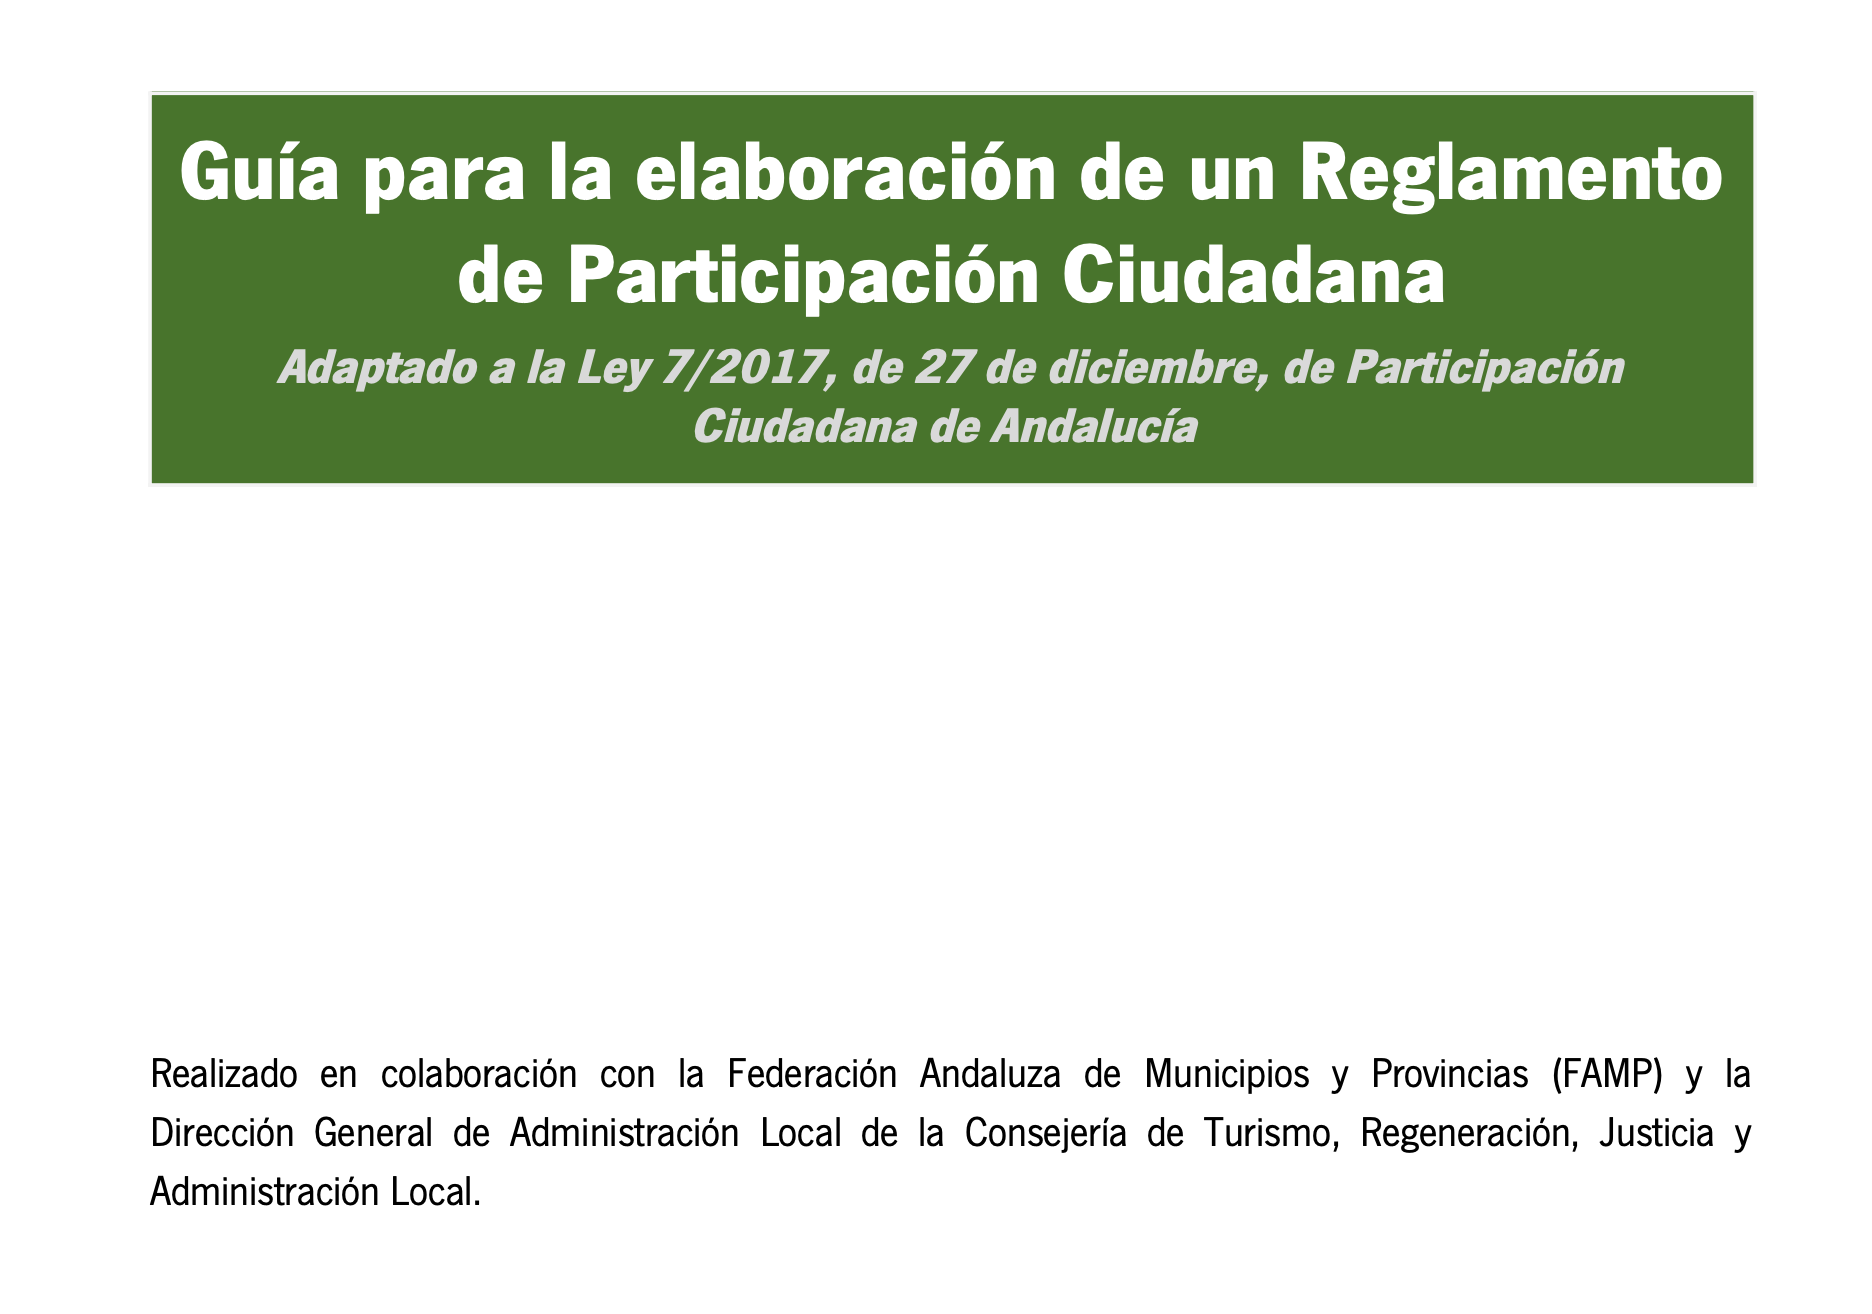 Imagen de la noticia Guía para la elaboración de un Reglamento de Participación Ciudadana de Andalucía